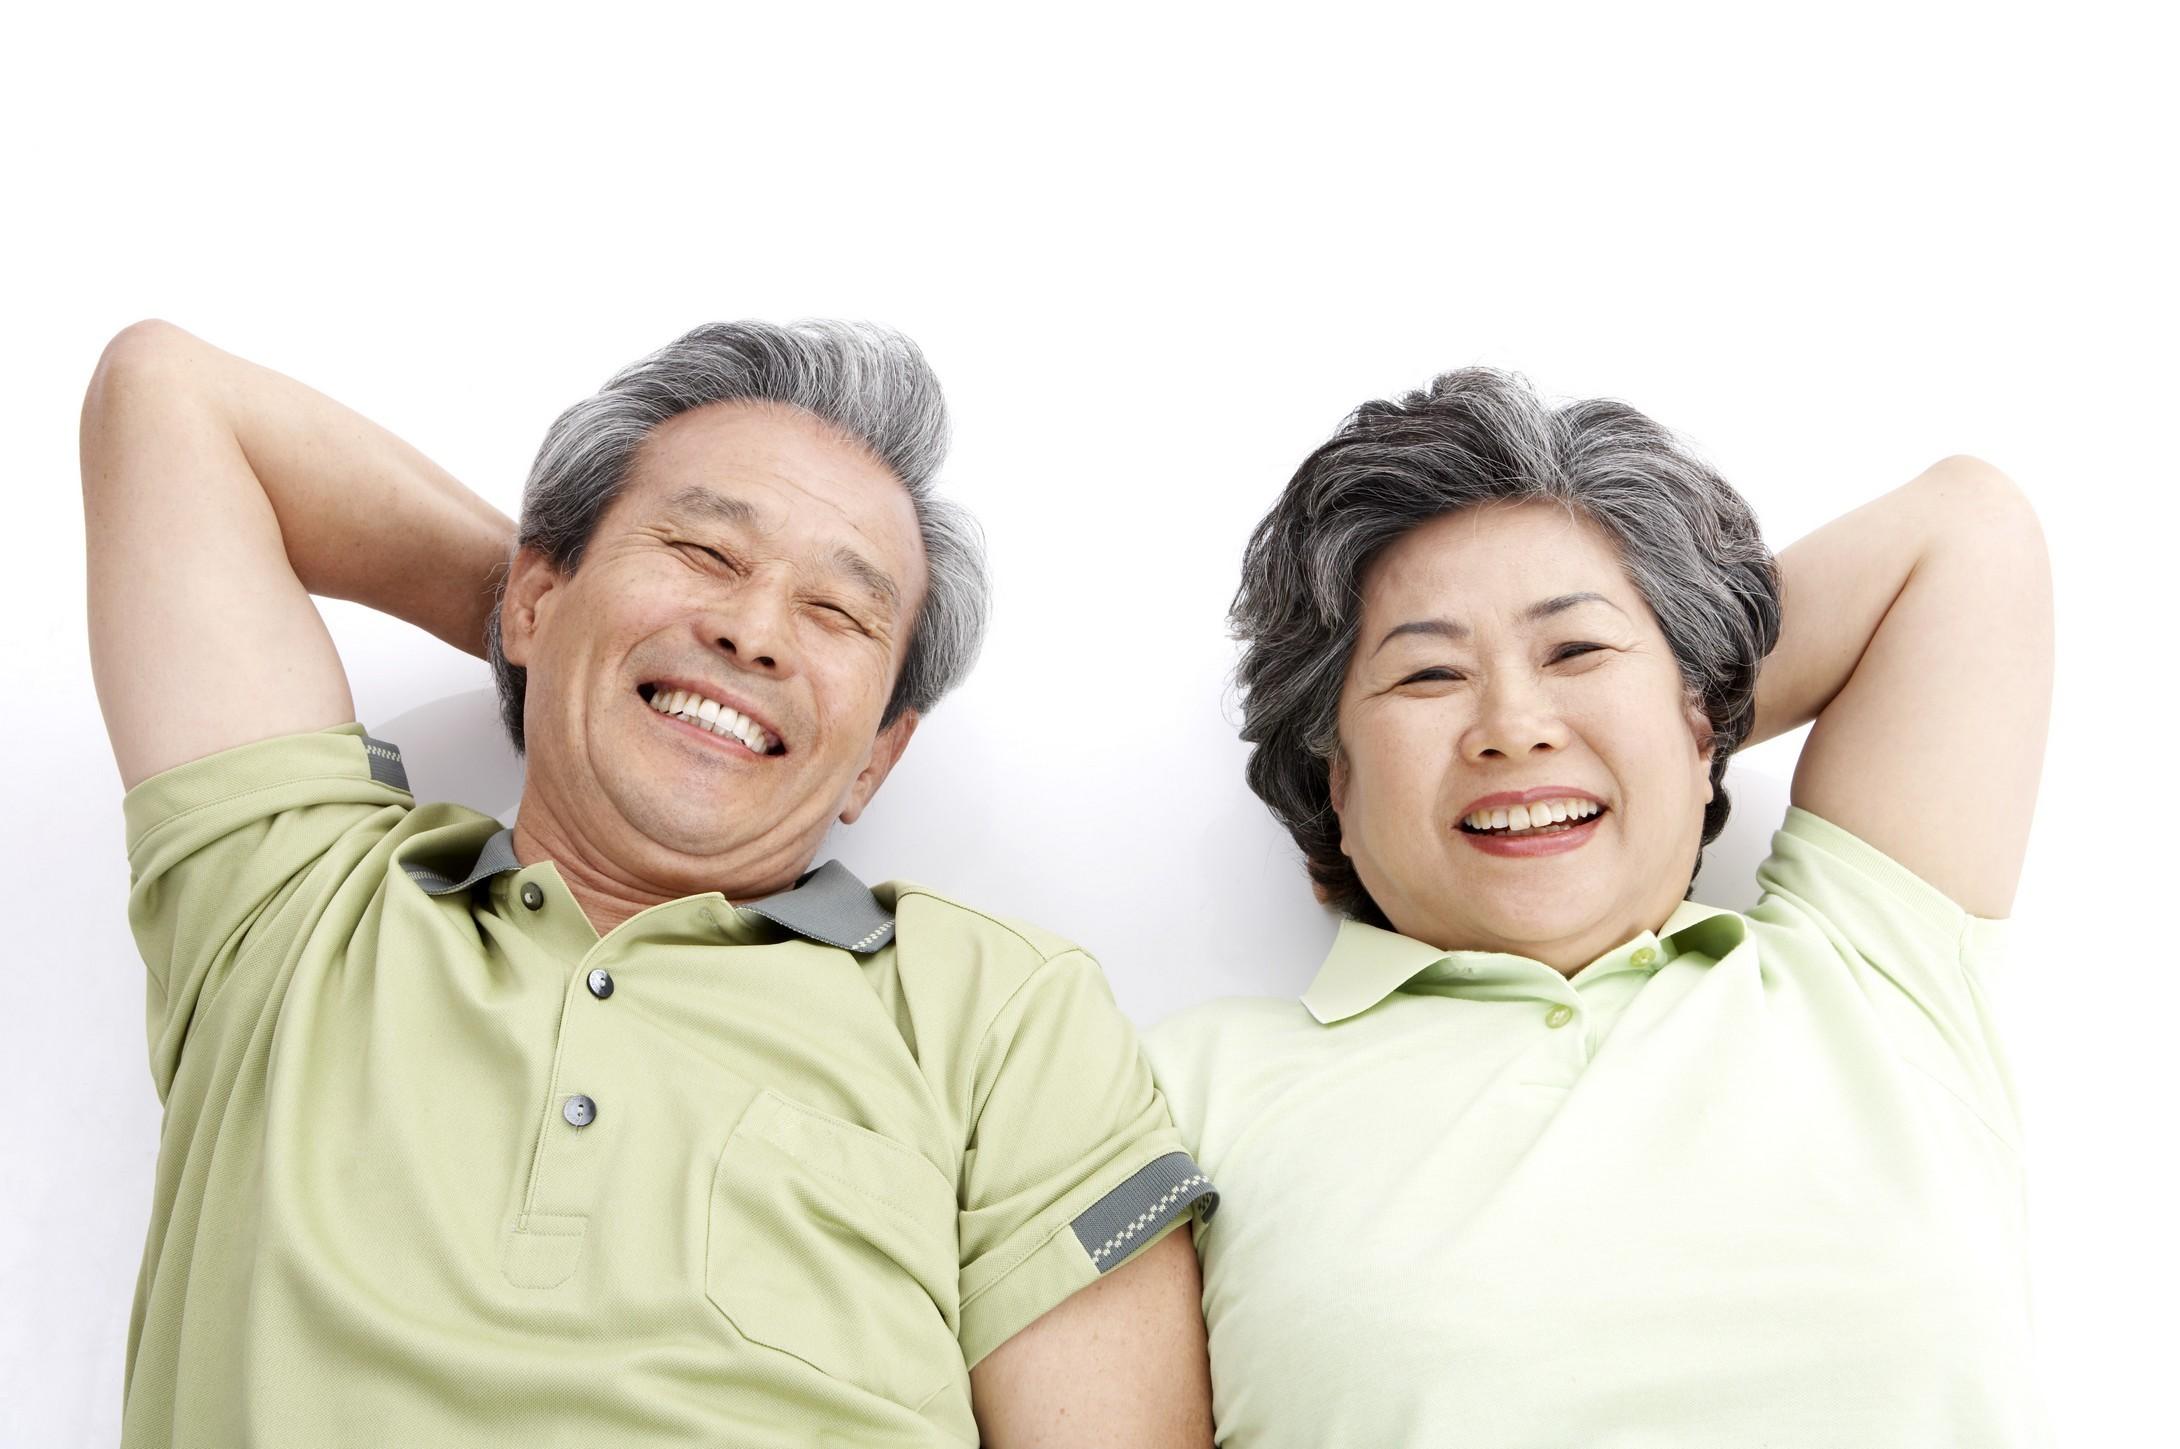 语音控制超简单!智能家居布局养老市场